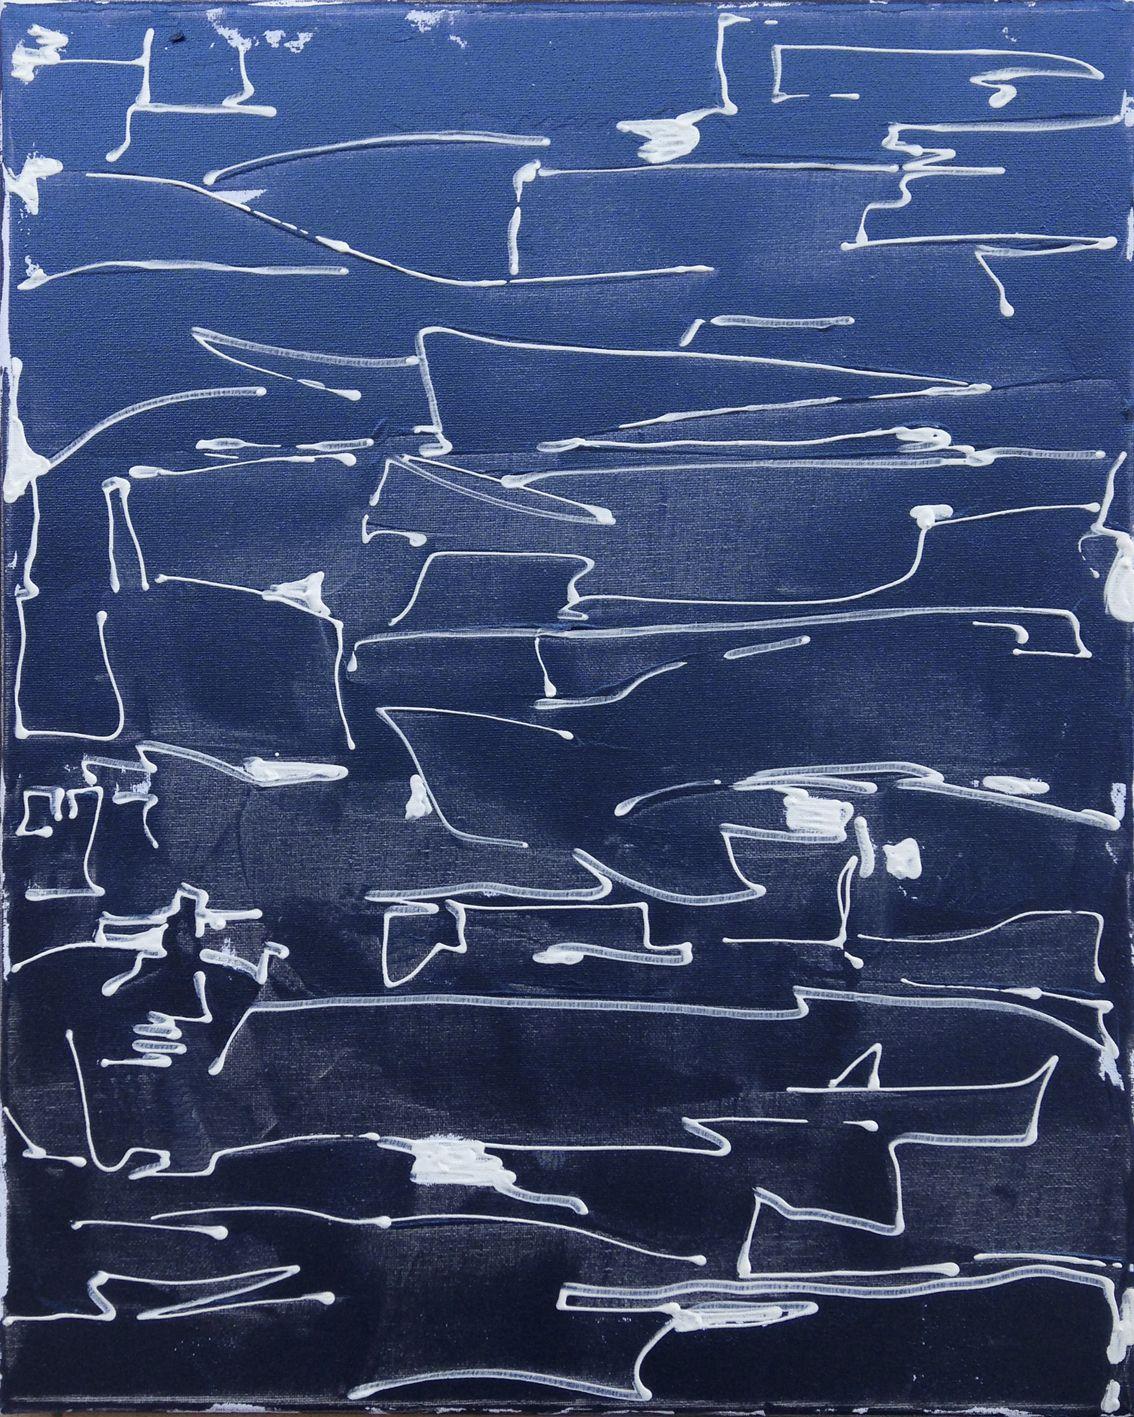 autour-du-bleu.jpg 1134×1417 pixels